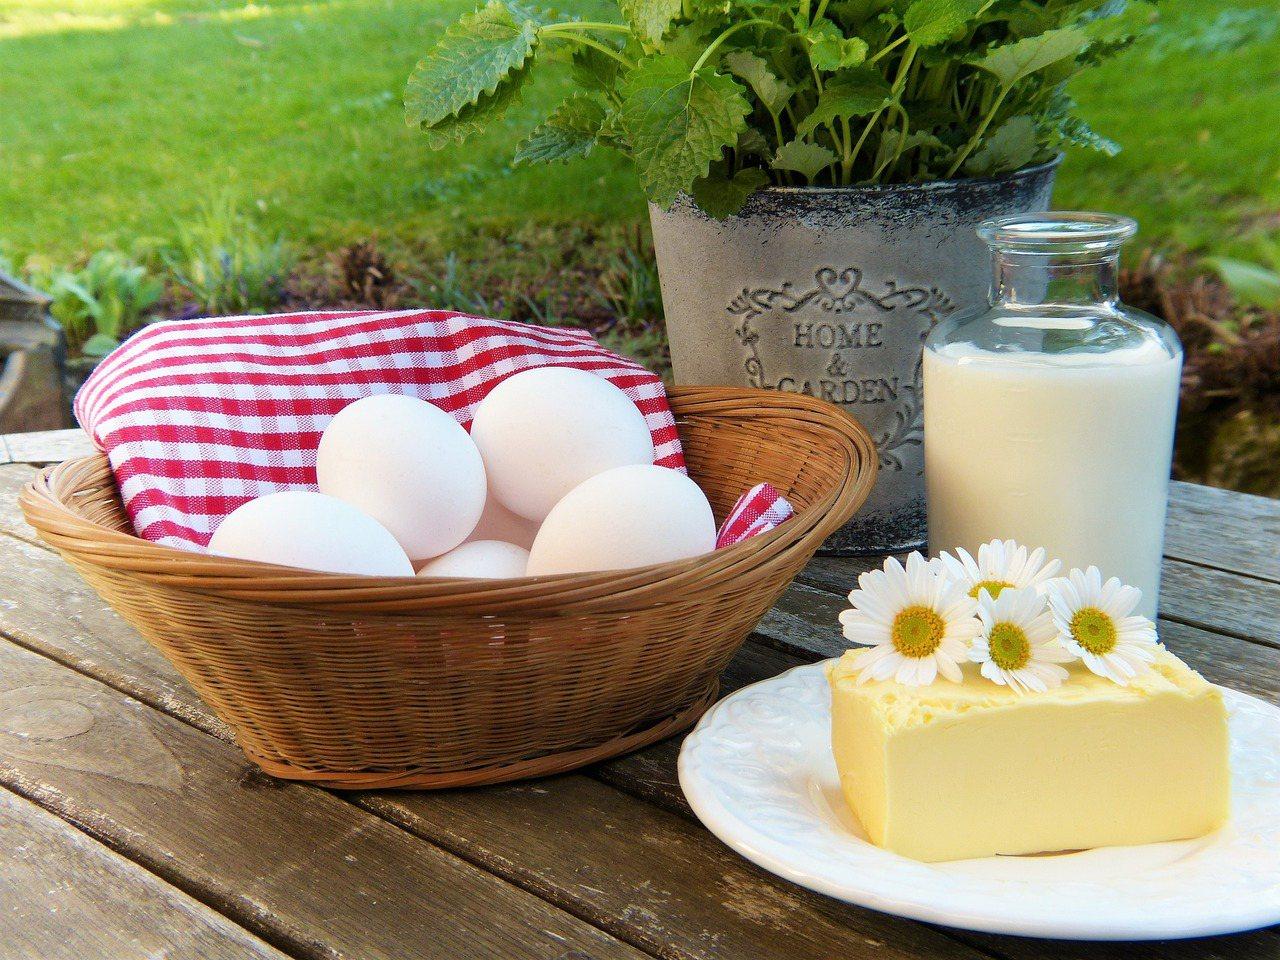 50歲以上成人一天應攝取的理想鈣質含量約為1000至1200毫克。 圖/pixa...